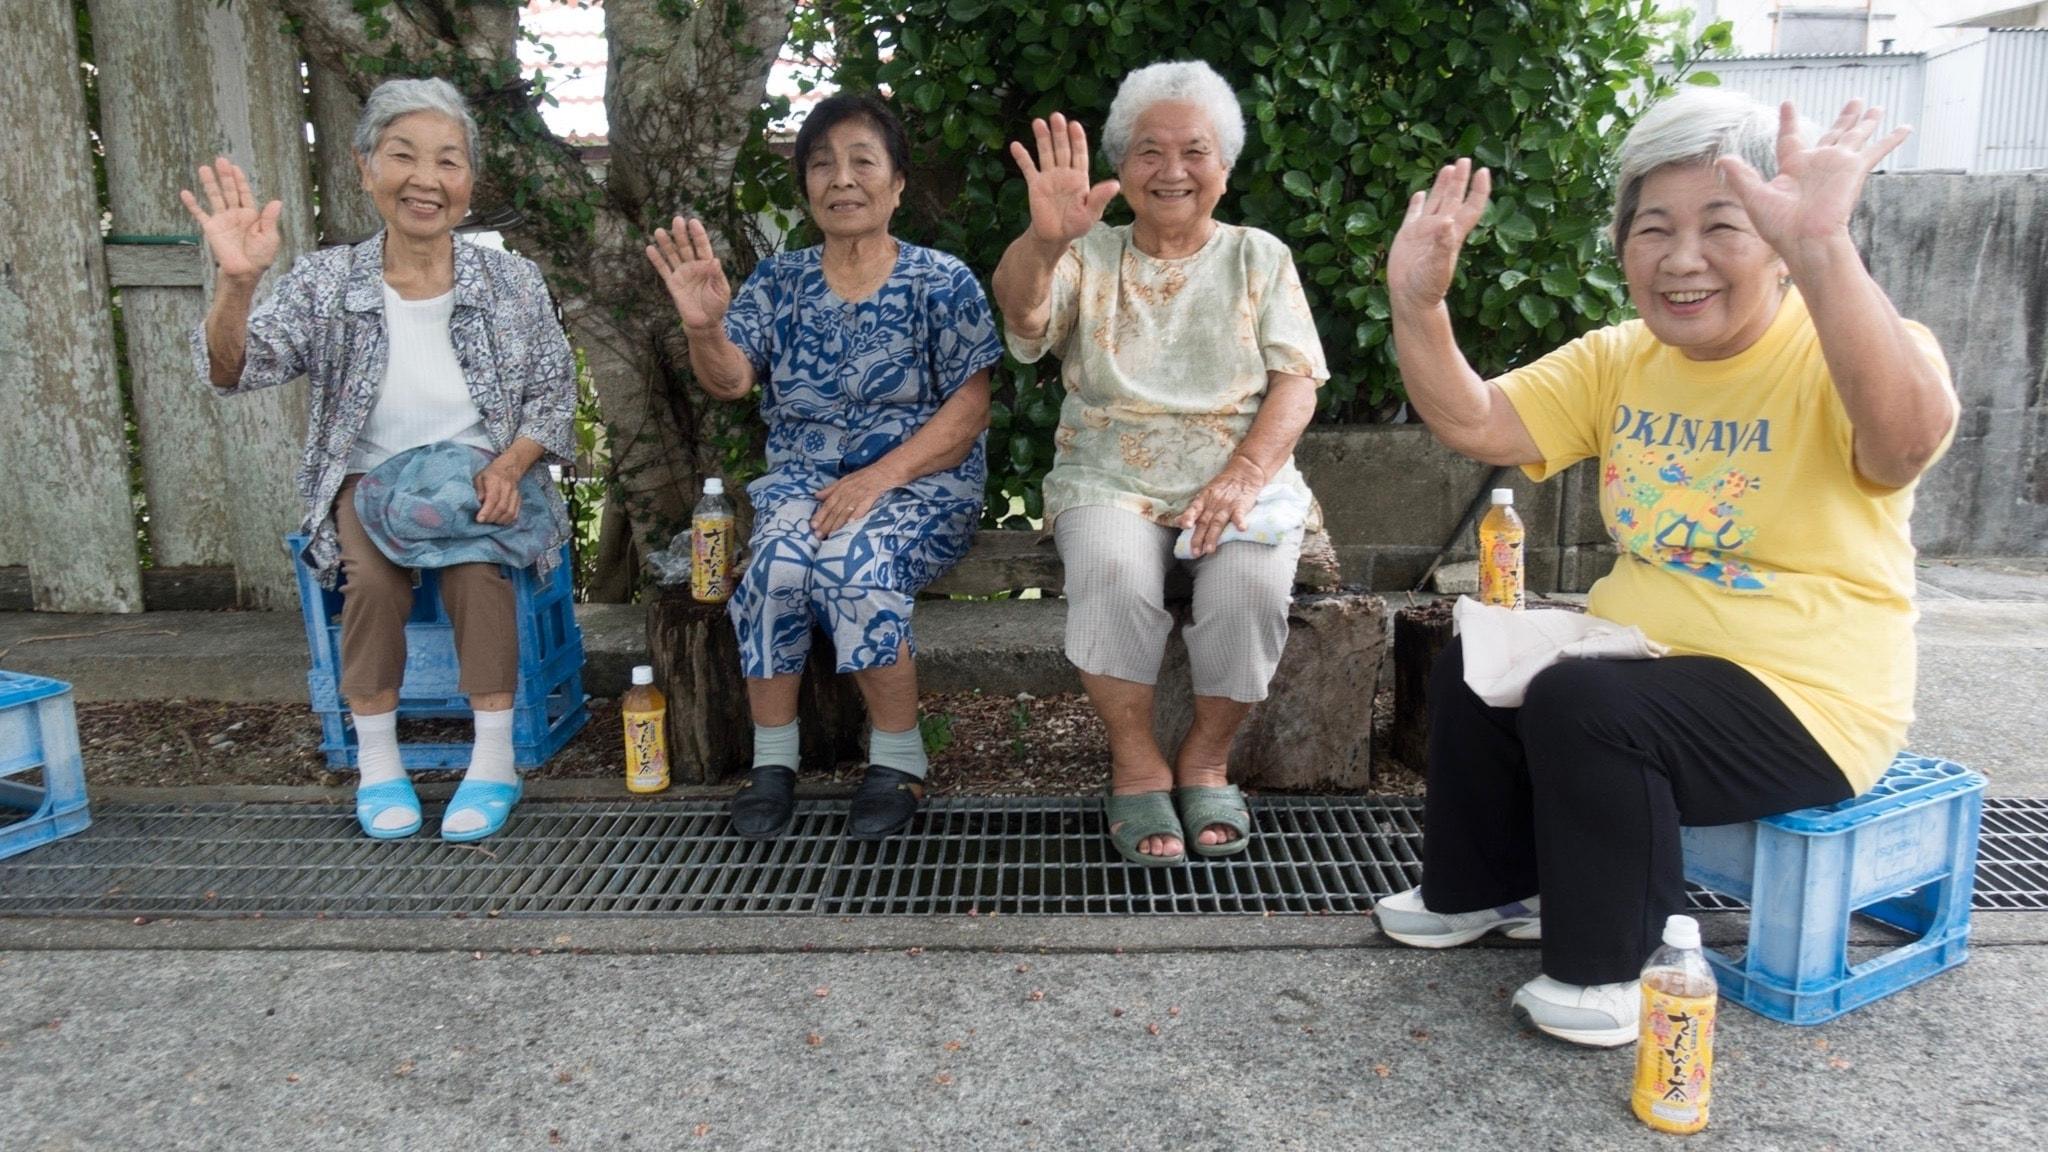 Okinawa har flest 100-åringar - nu har maten översatts till svenska